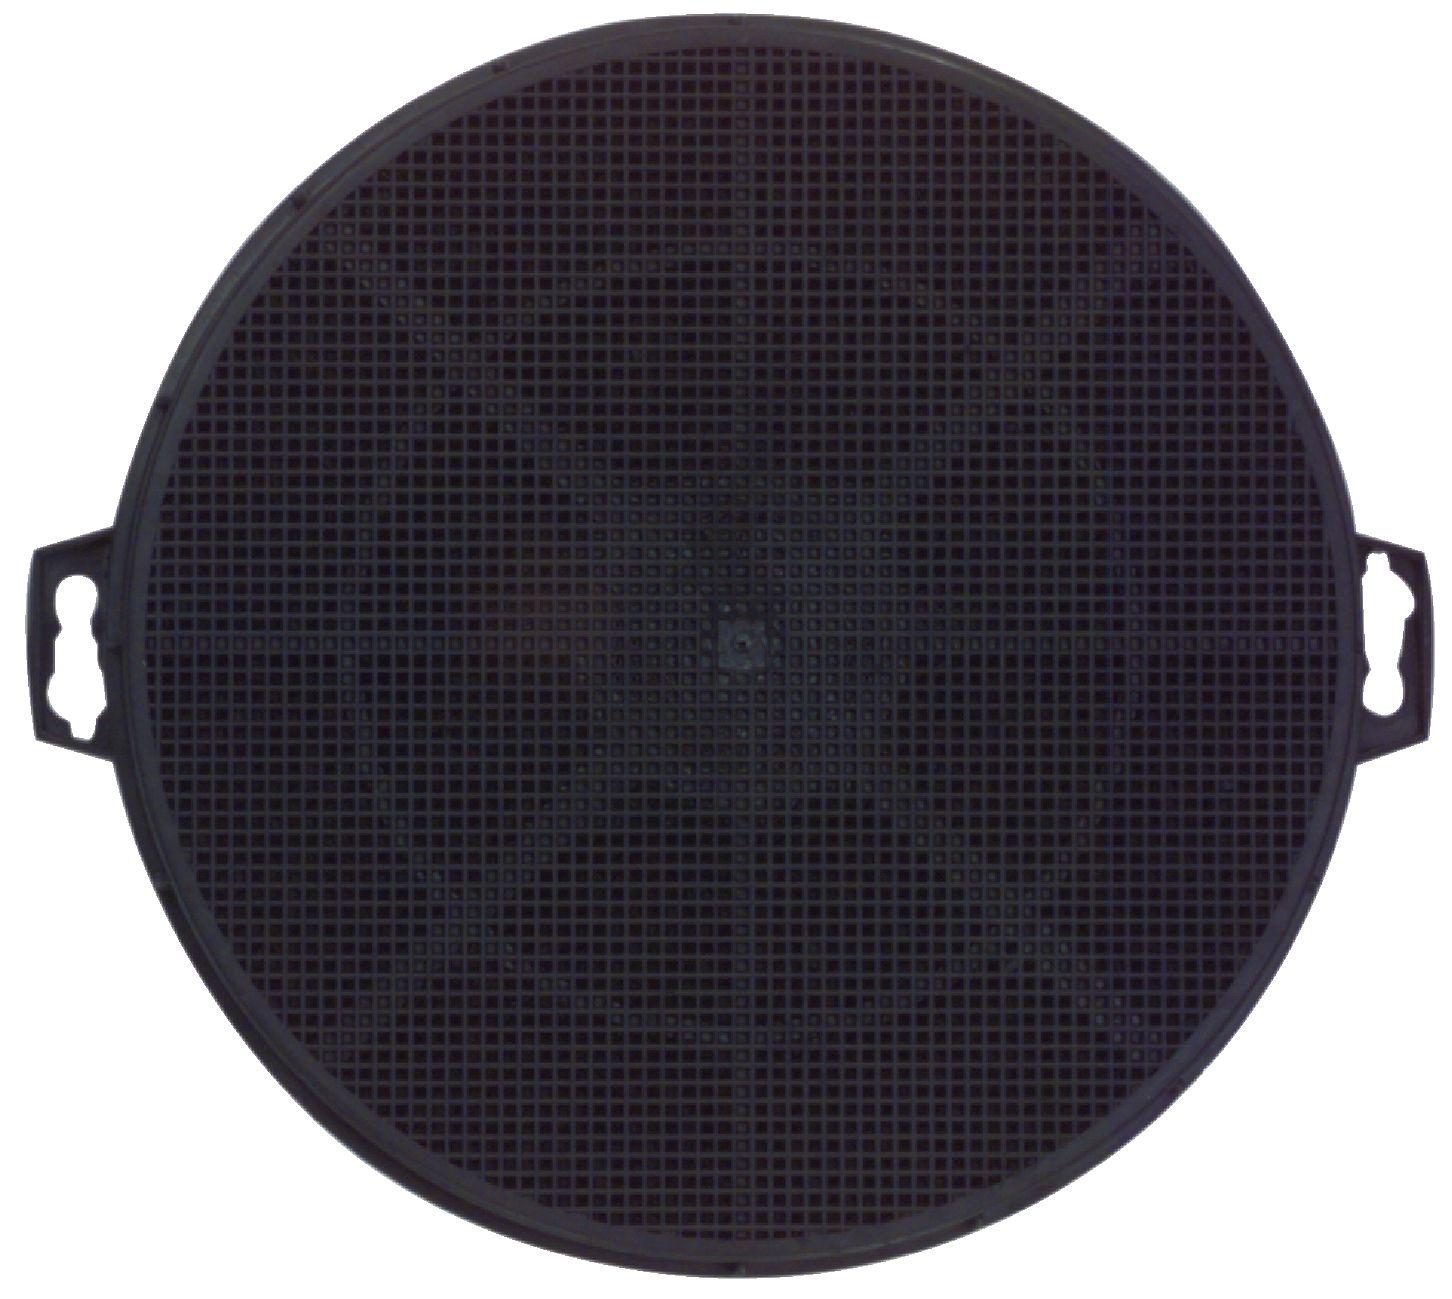 Uhlíkový filtr do digestoře, OE 21 cm Fixapart W4-49909